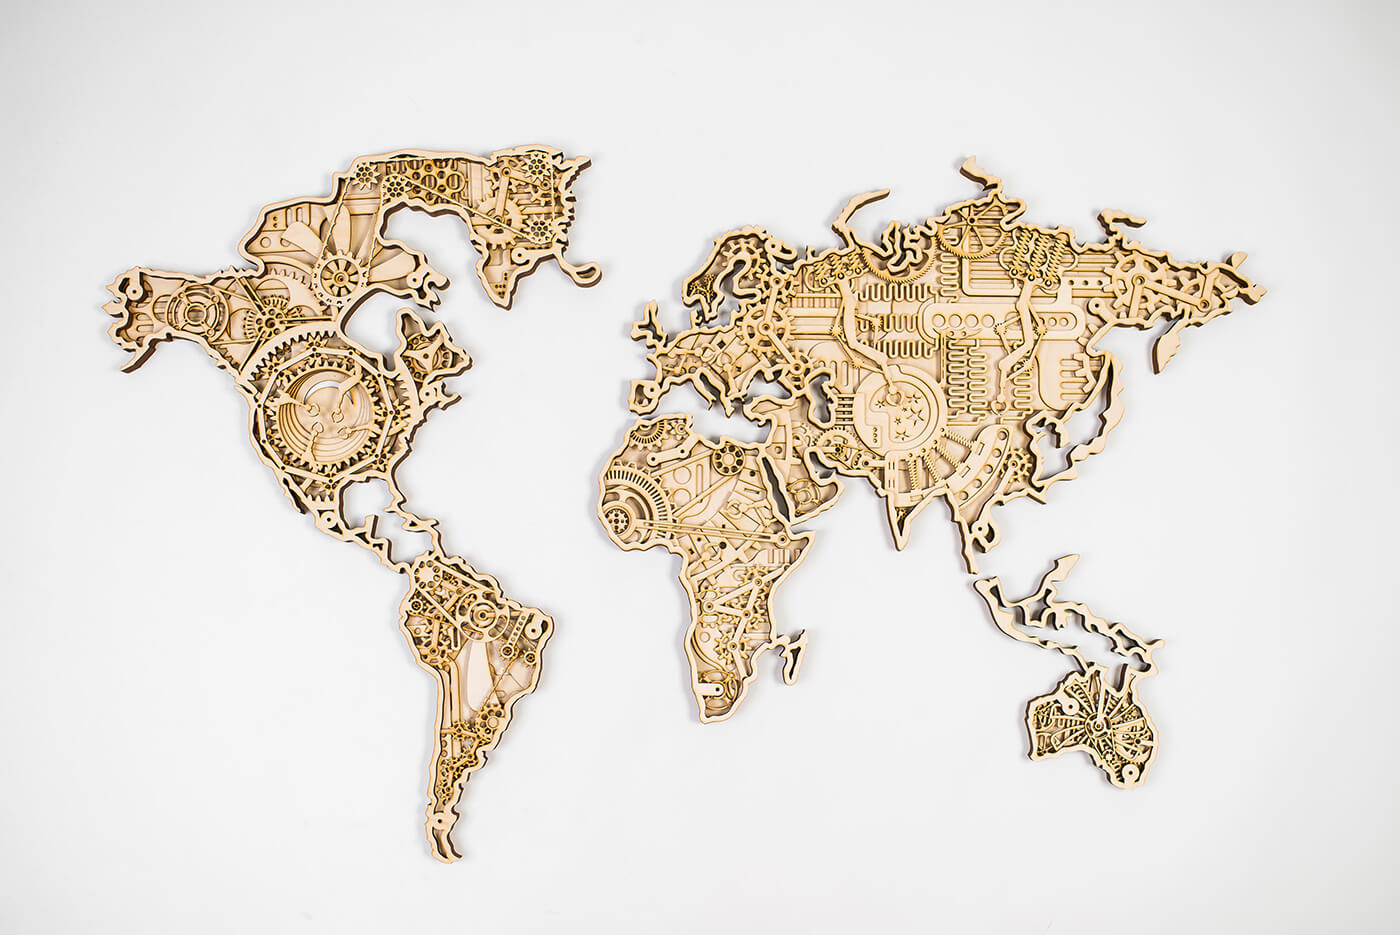 Drevená mapa sveta INDUSTRIAL (rozmery 140 x 82 cm) - s príplatkom za farebnú úpravu